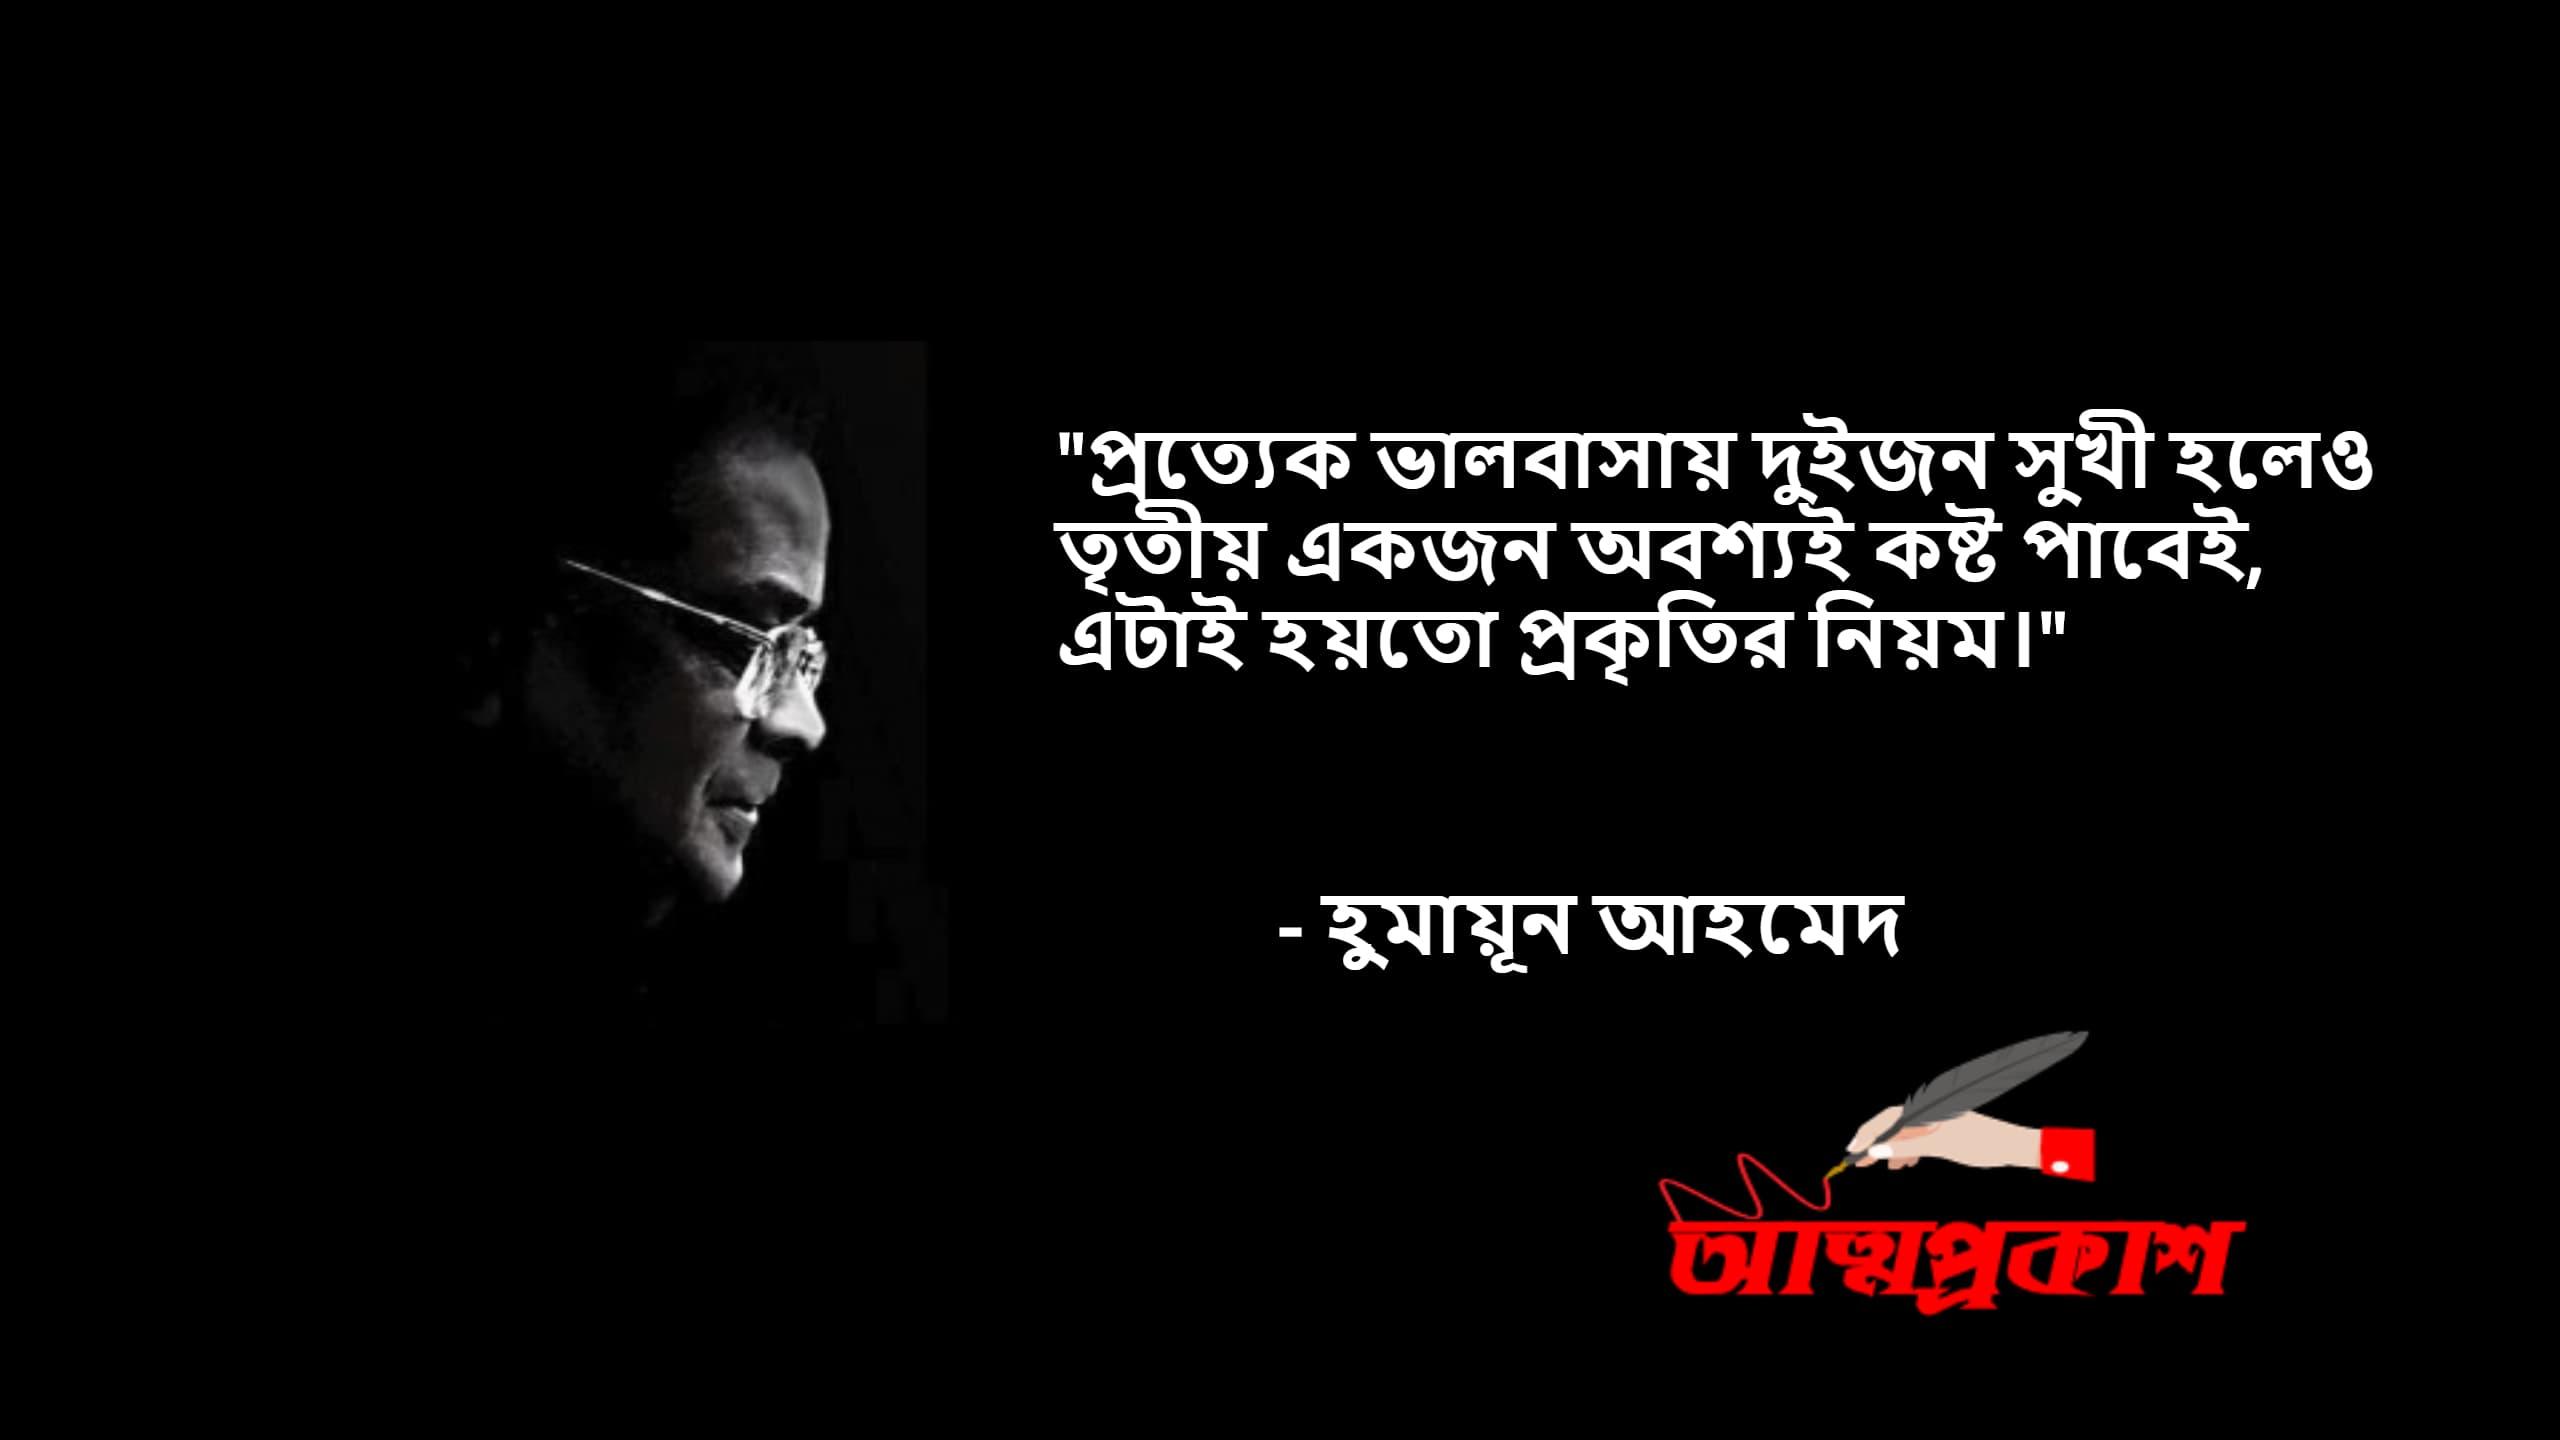 প্রেম-নিয়ে-হুমায়ূন-আহমেদের-উক্তি-humayun-ahmed-quotes-about-life-bangla-bani